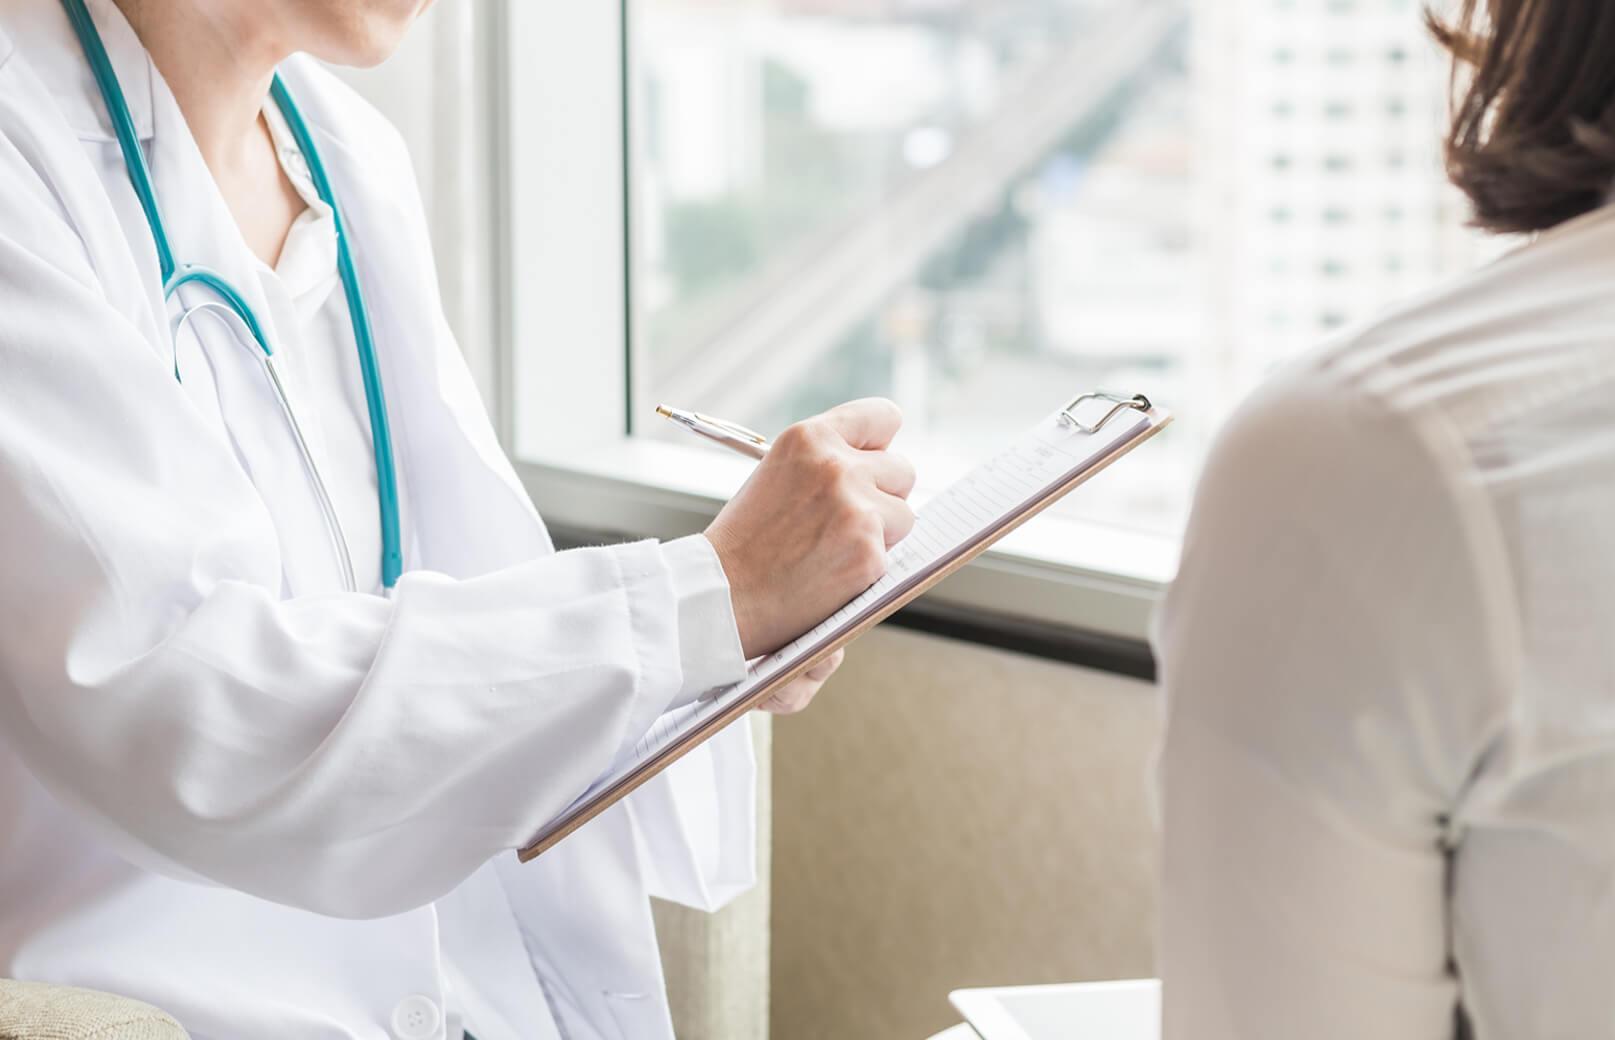 Правила и вопросы судебно-медицинской экспертизы тяжести вреда здоровью